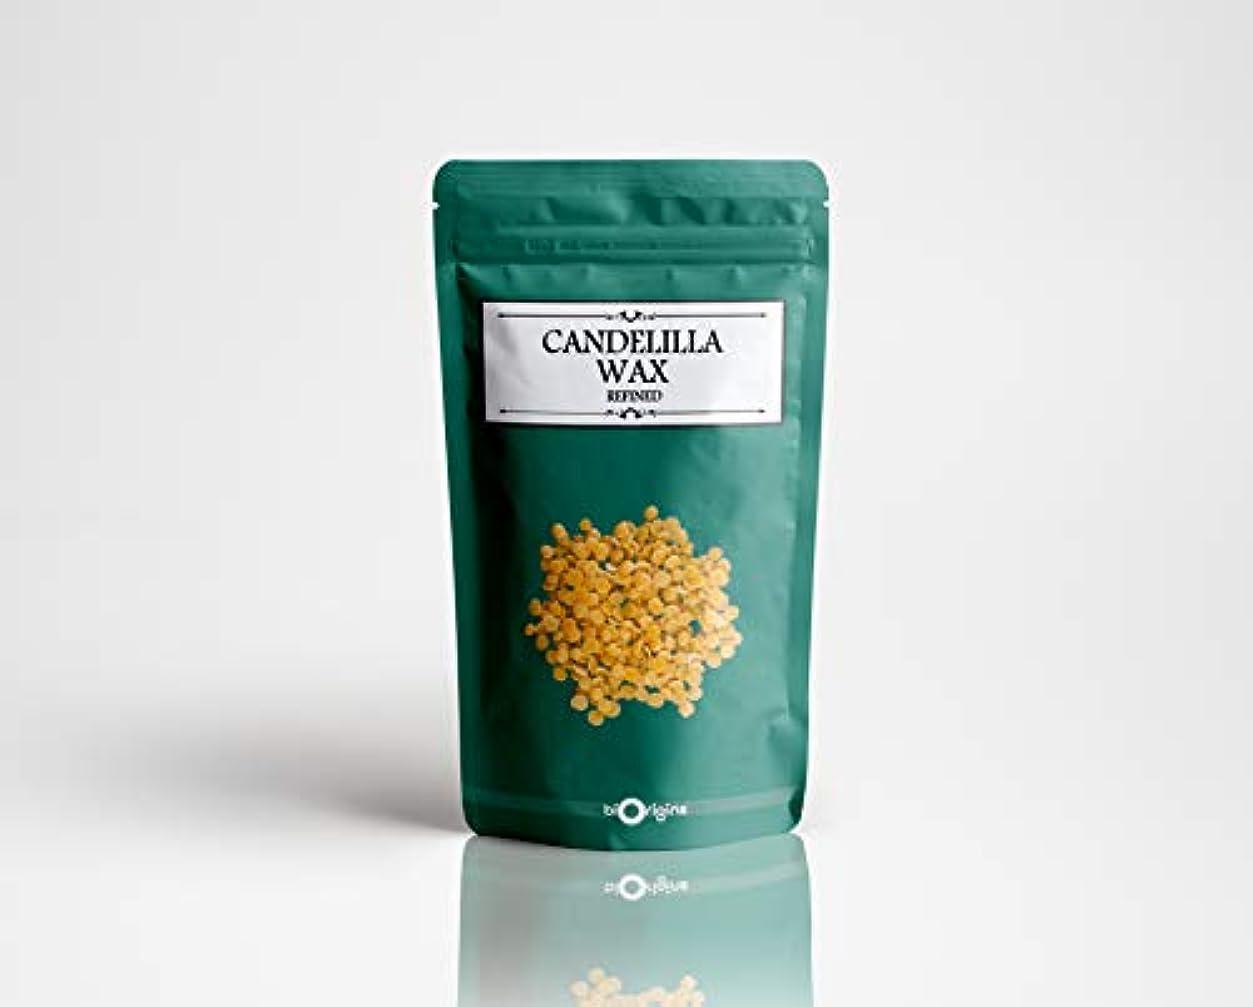 明らかにする戦争所有権Candelilla Wax 100g